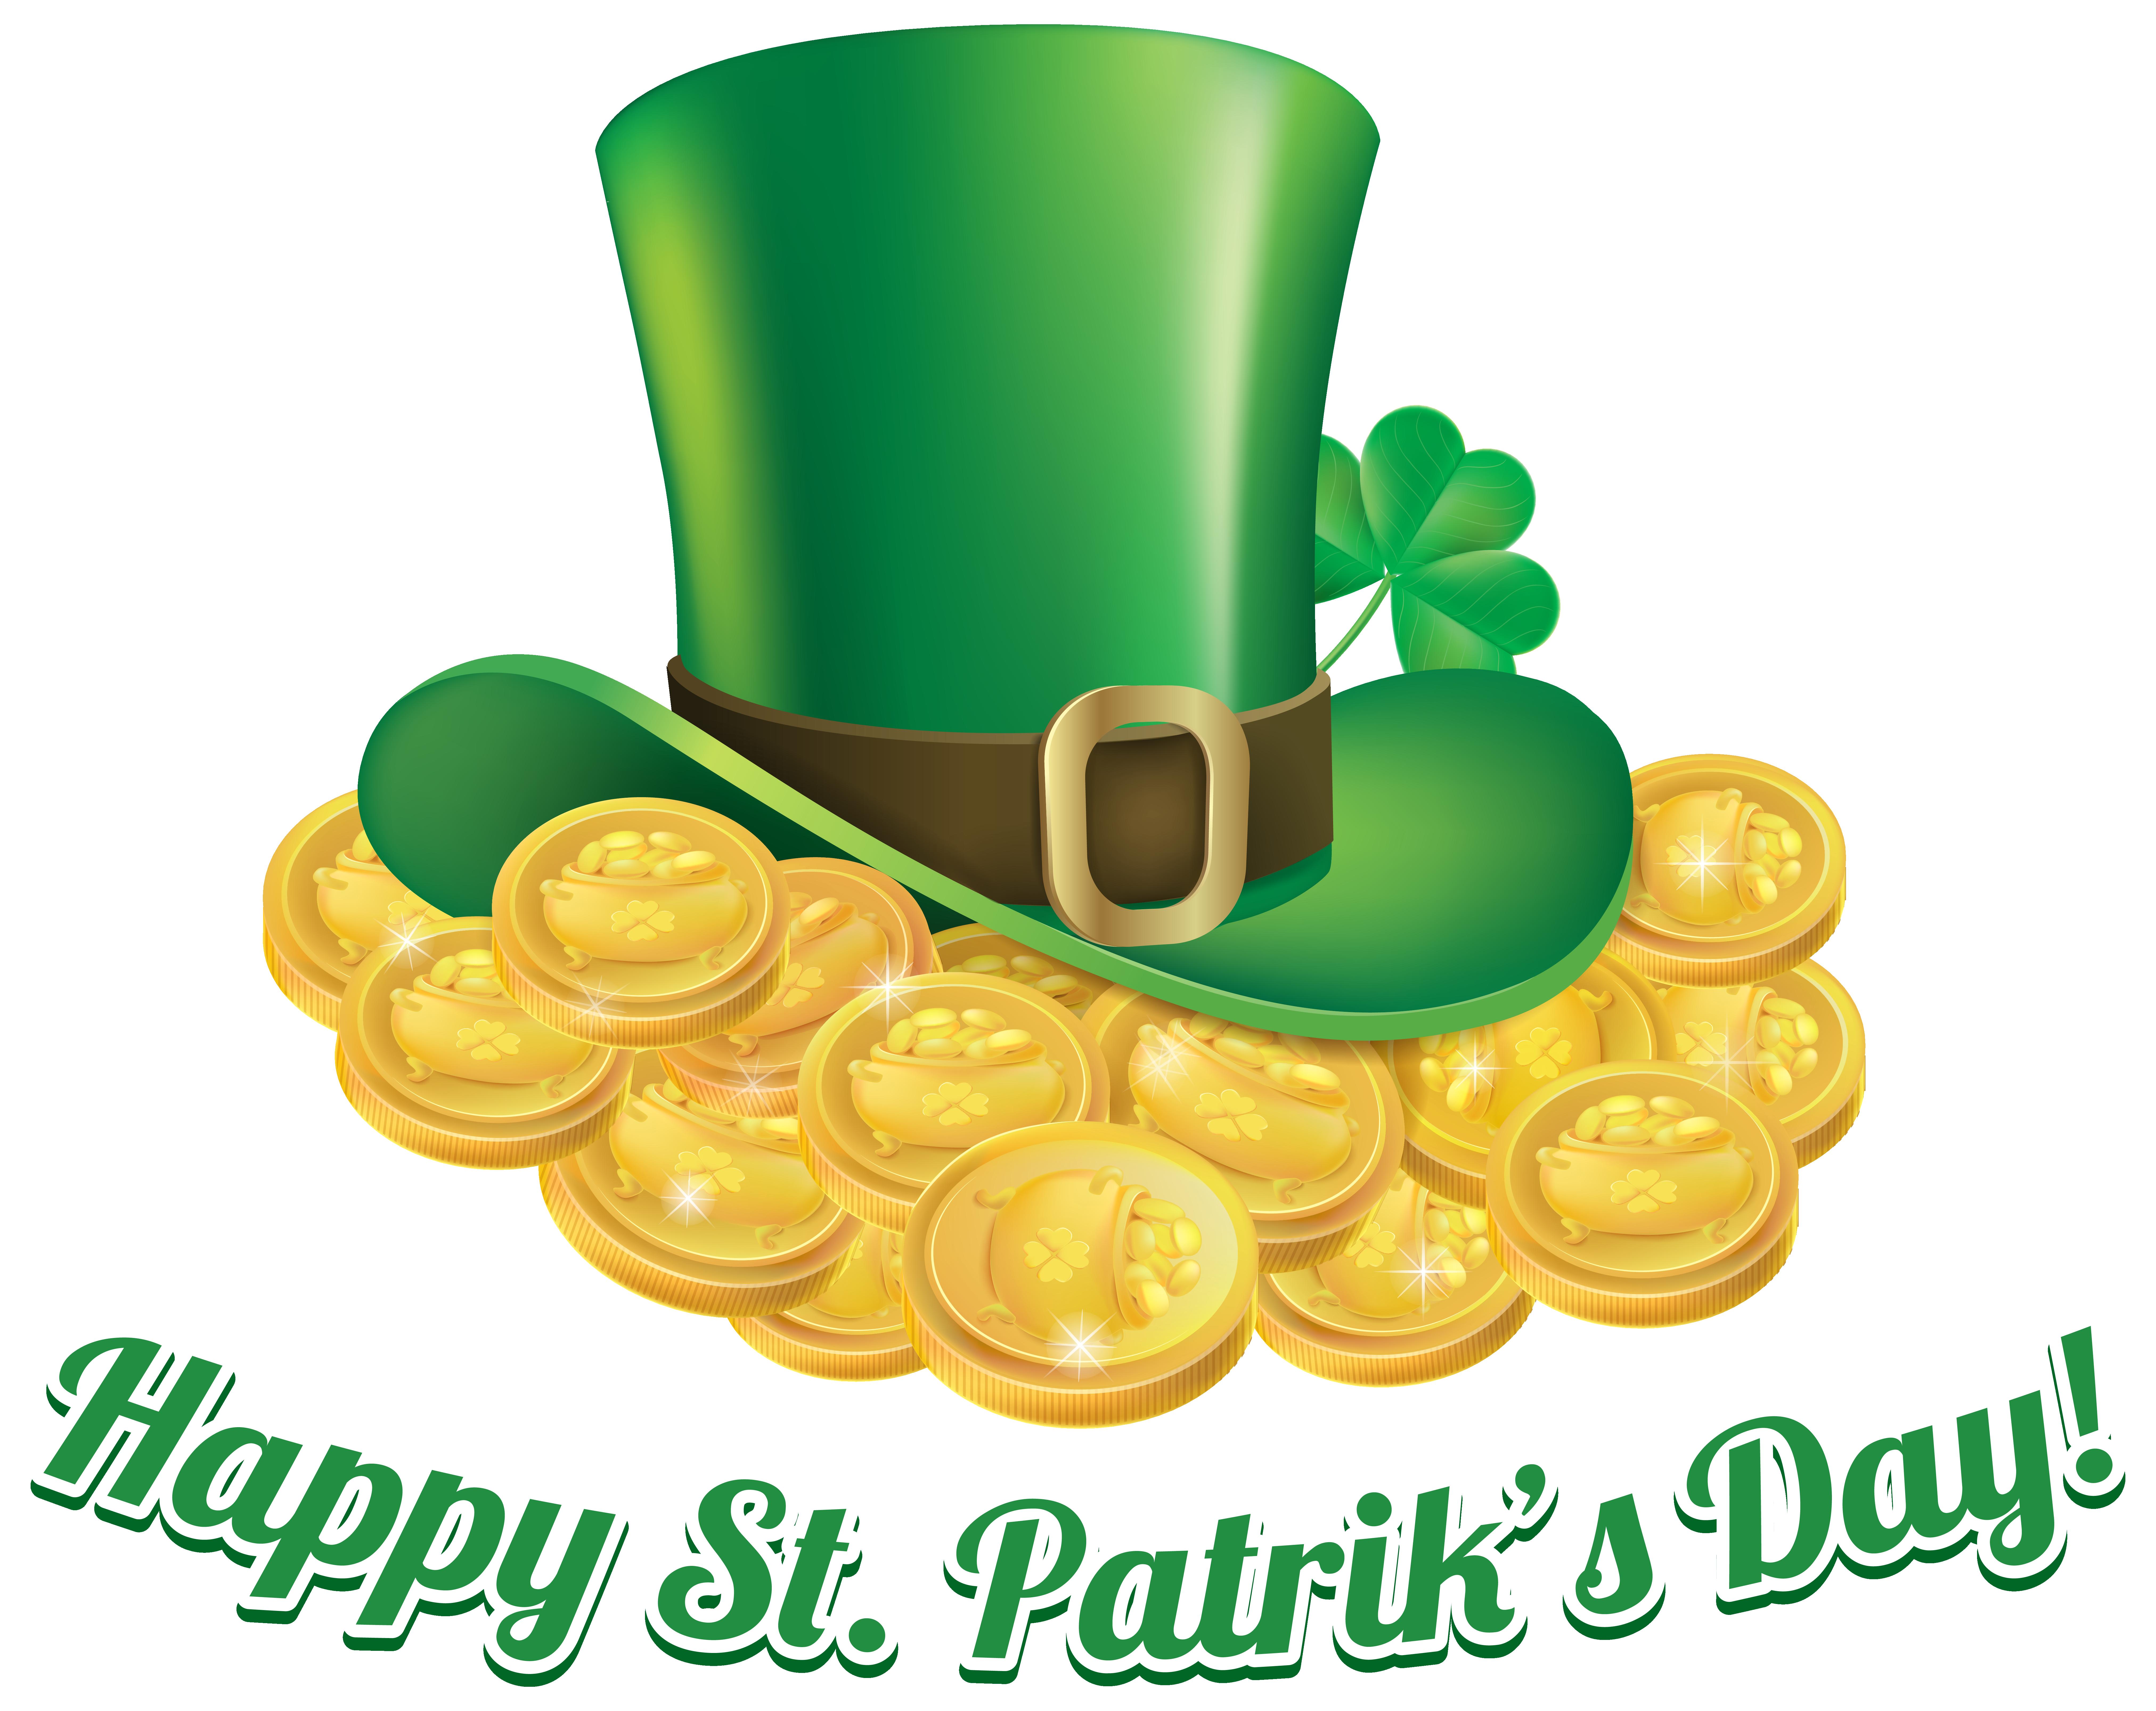 Money hat clipart transparent St Patricks Day Coins and Hat Transparent PNG Clip Art Image ... transparent